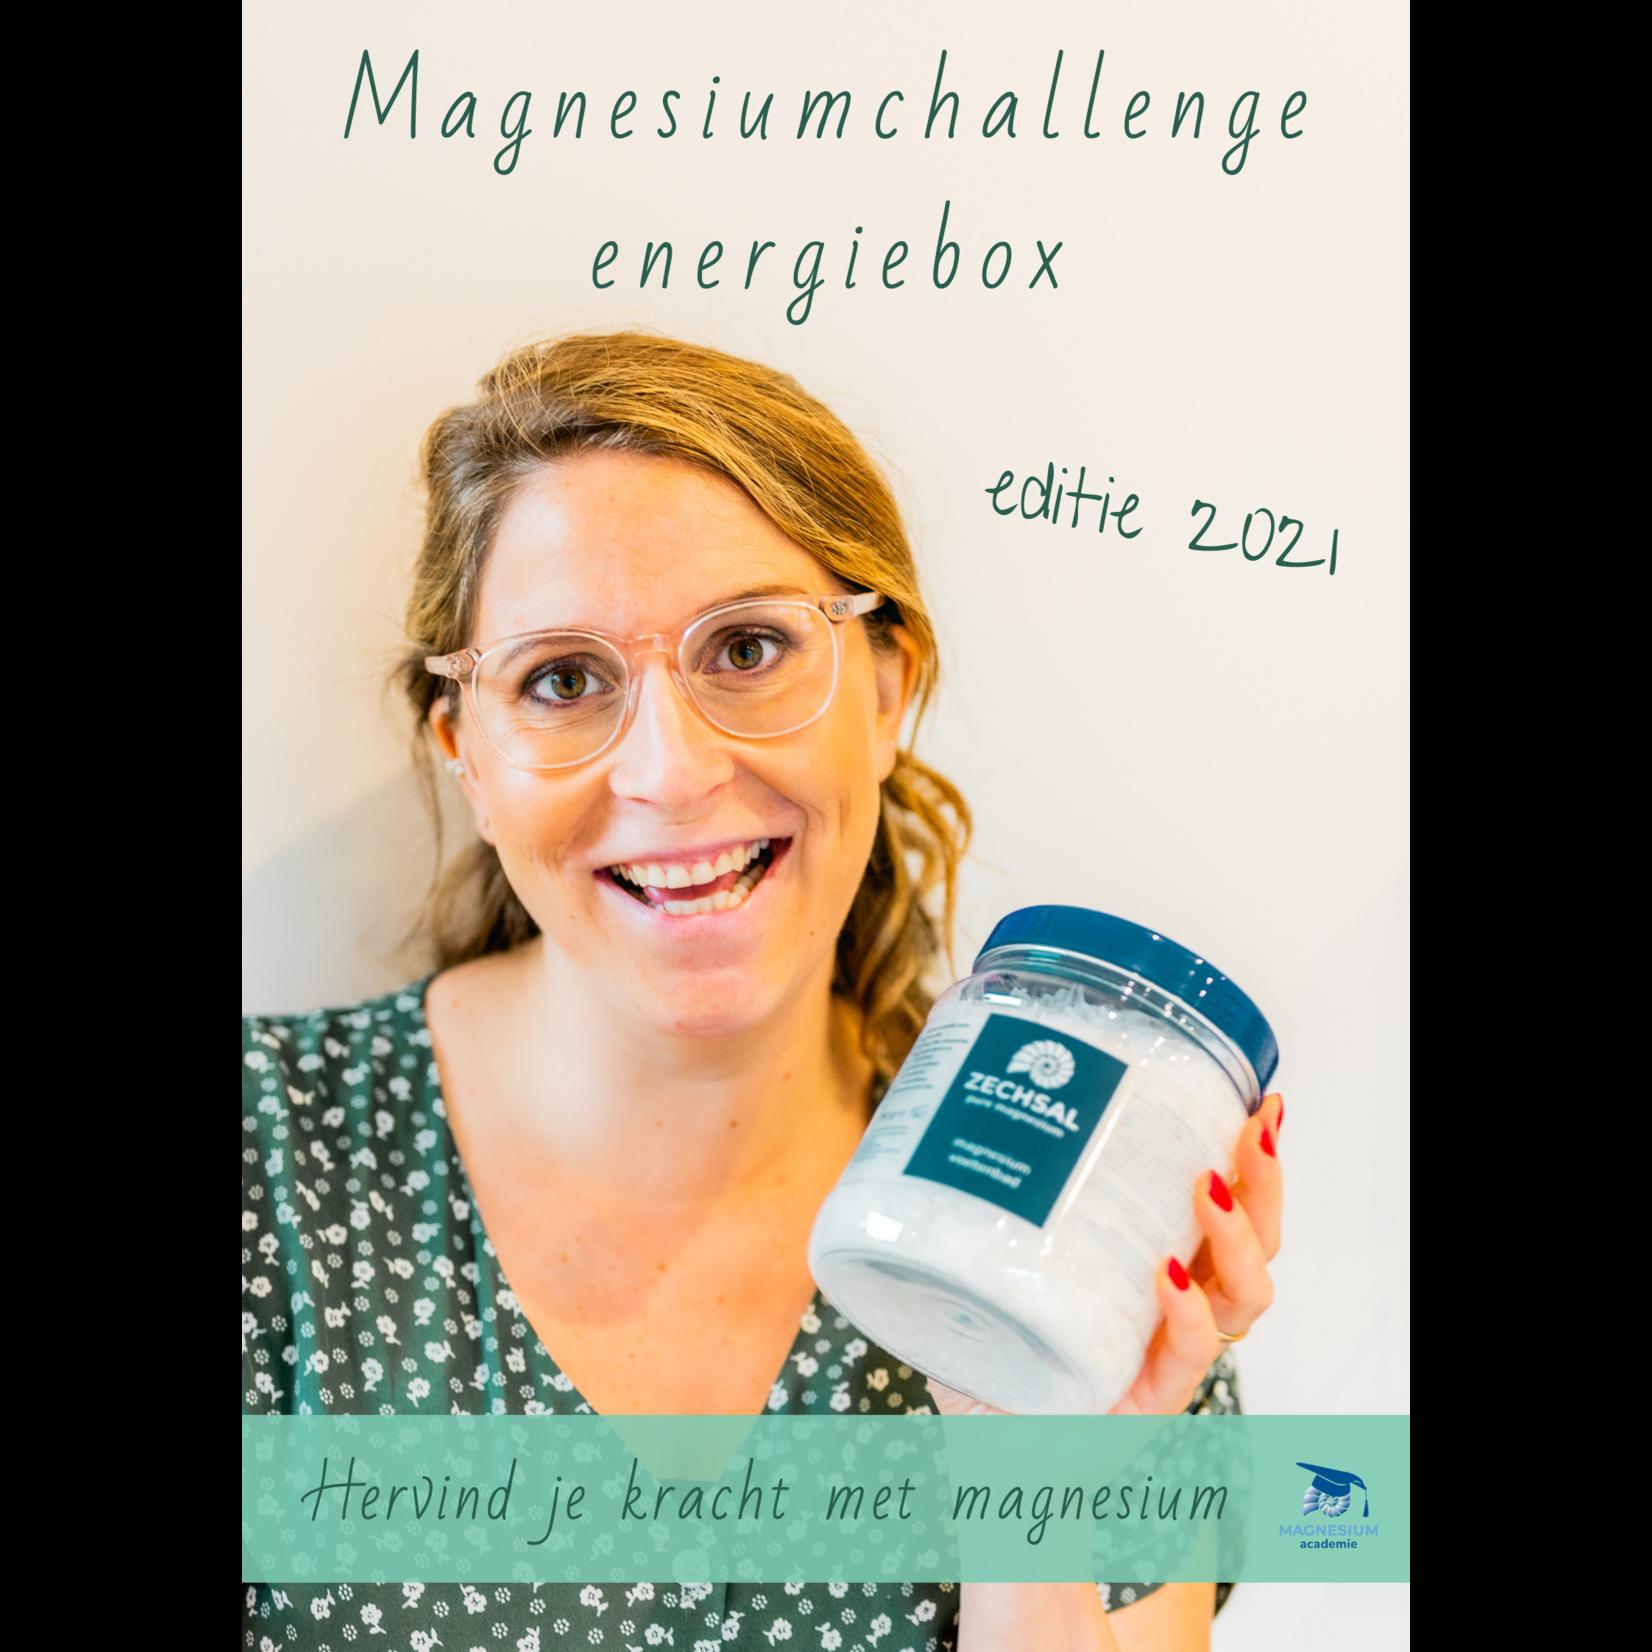 Magnesiumchallenge - ENERGIE box